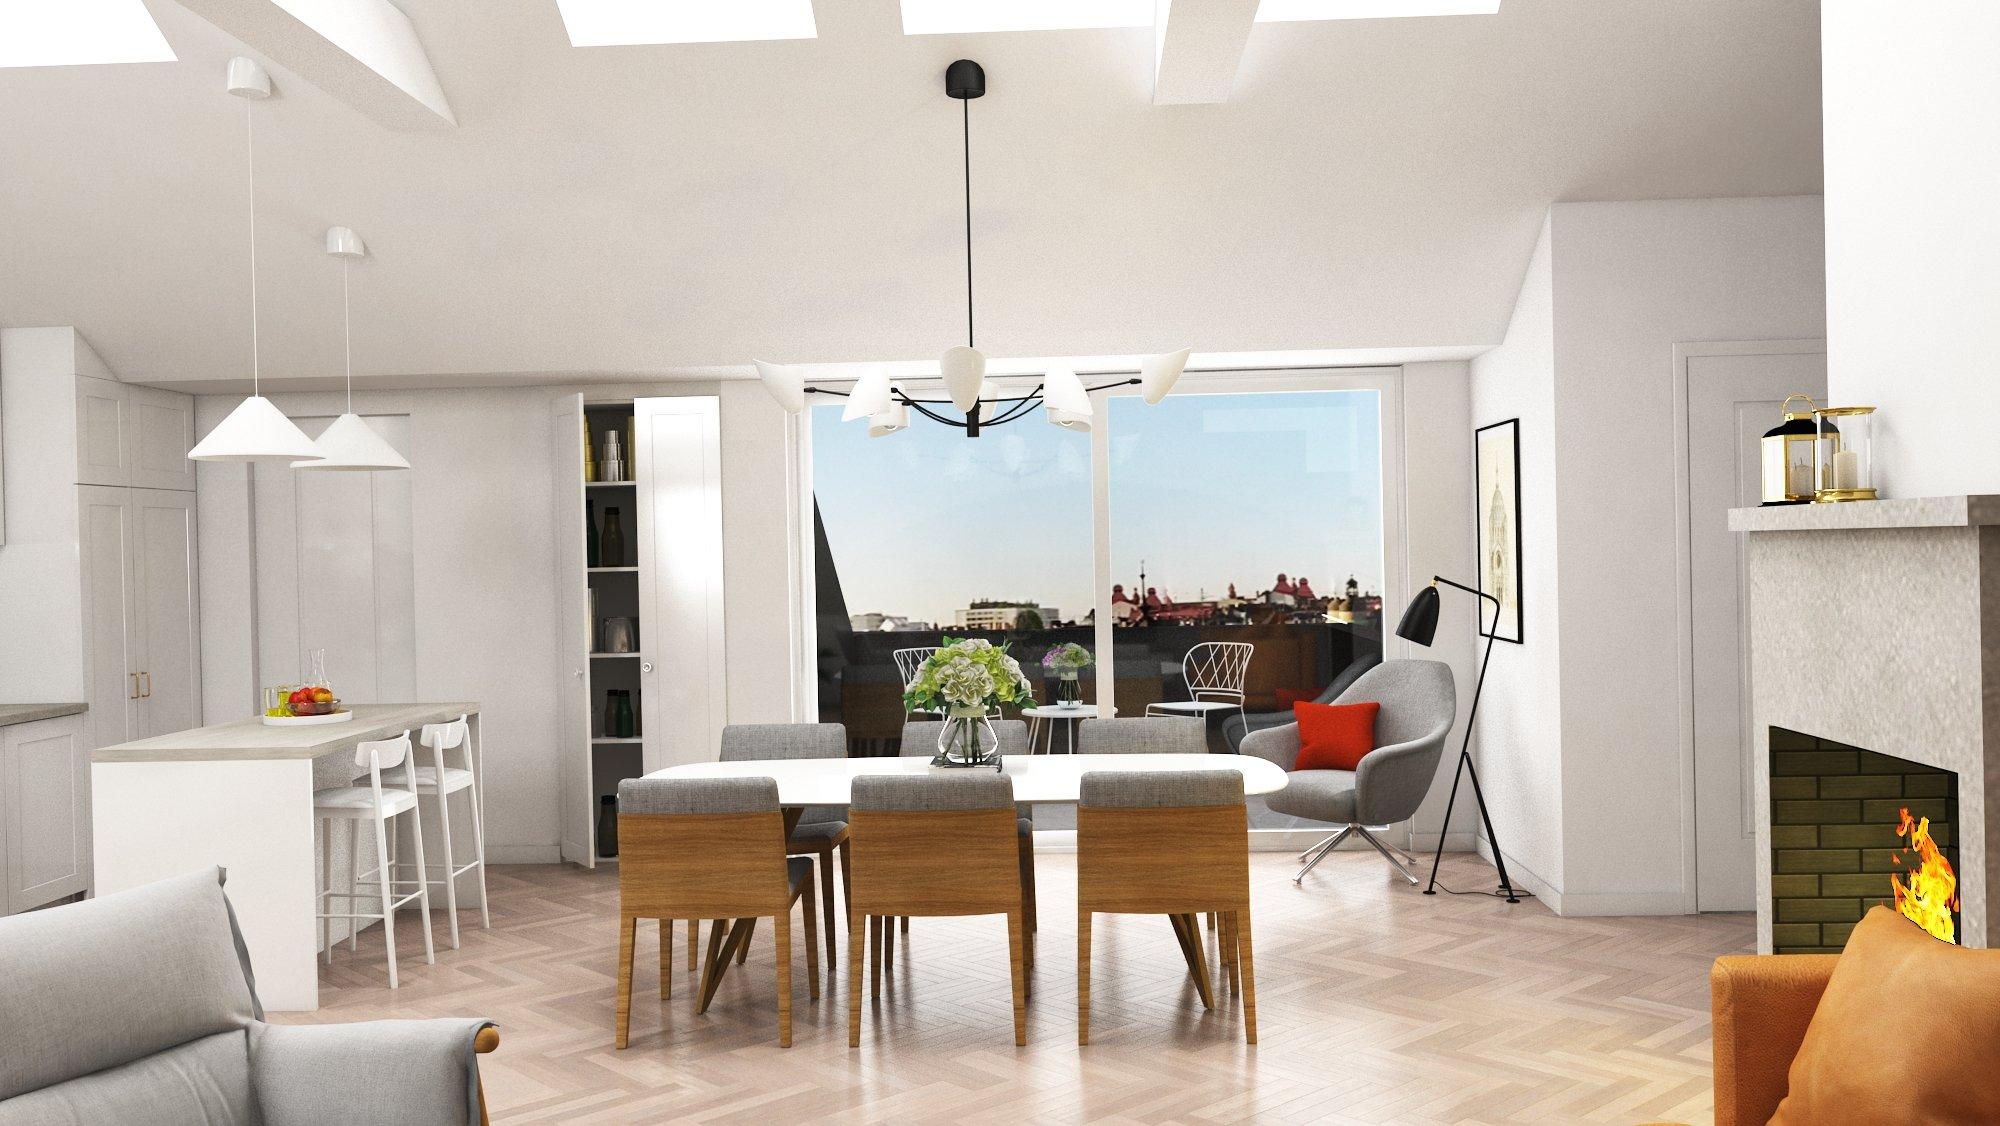 3D visualisering av takvåning